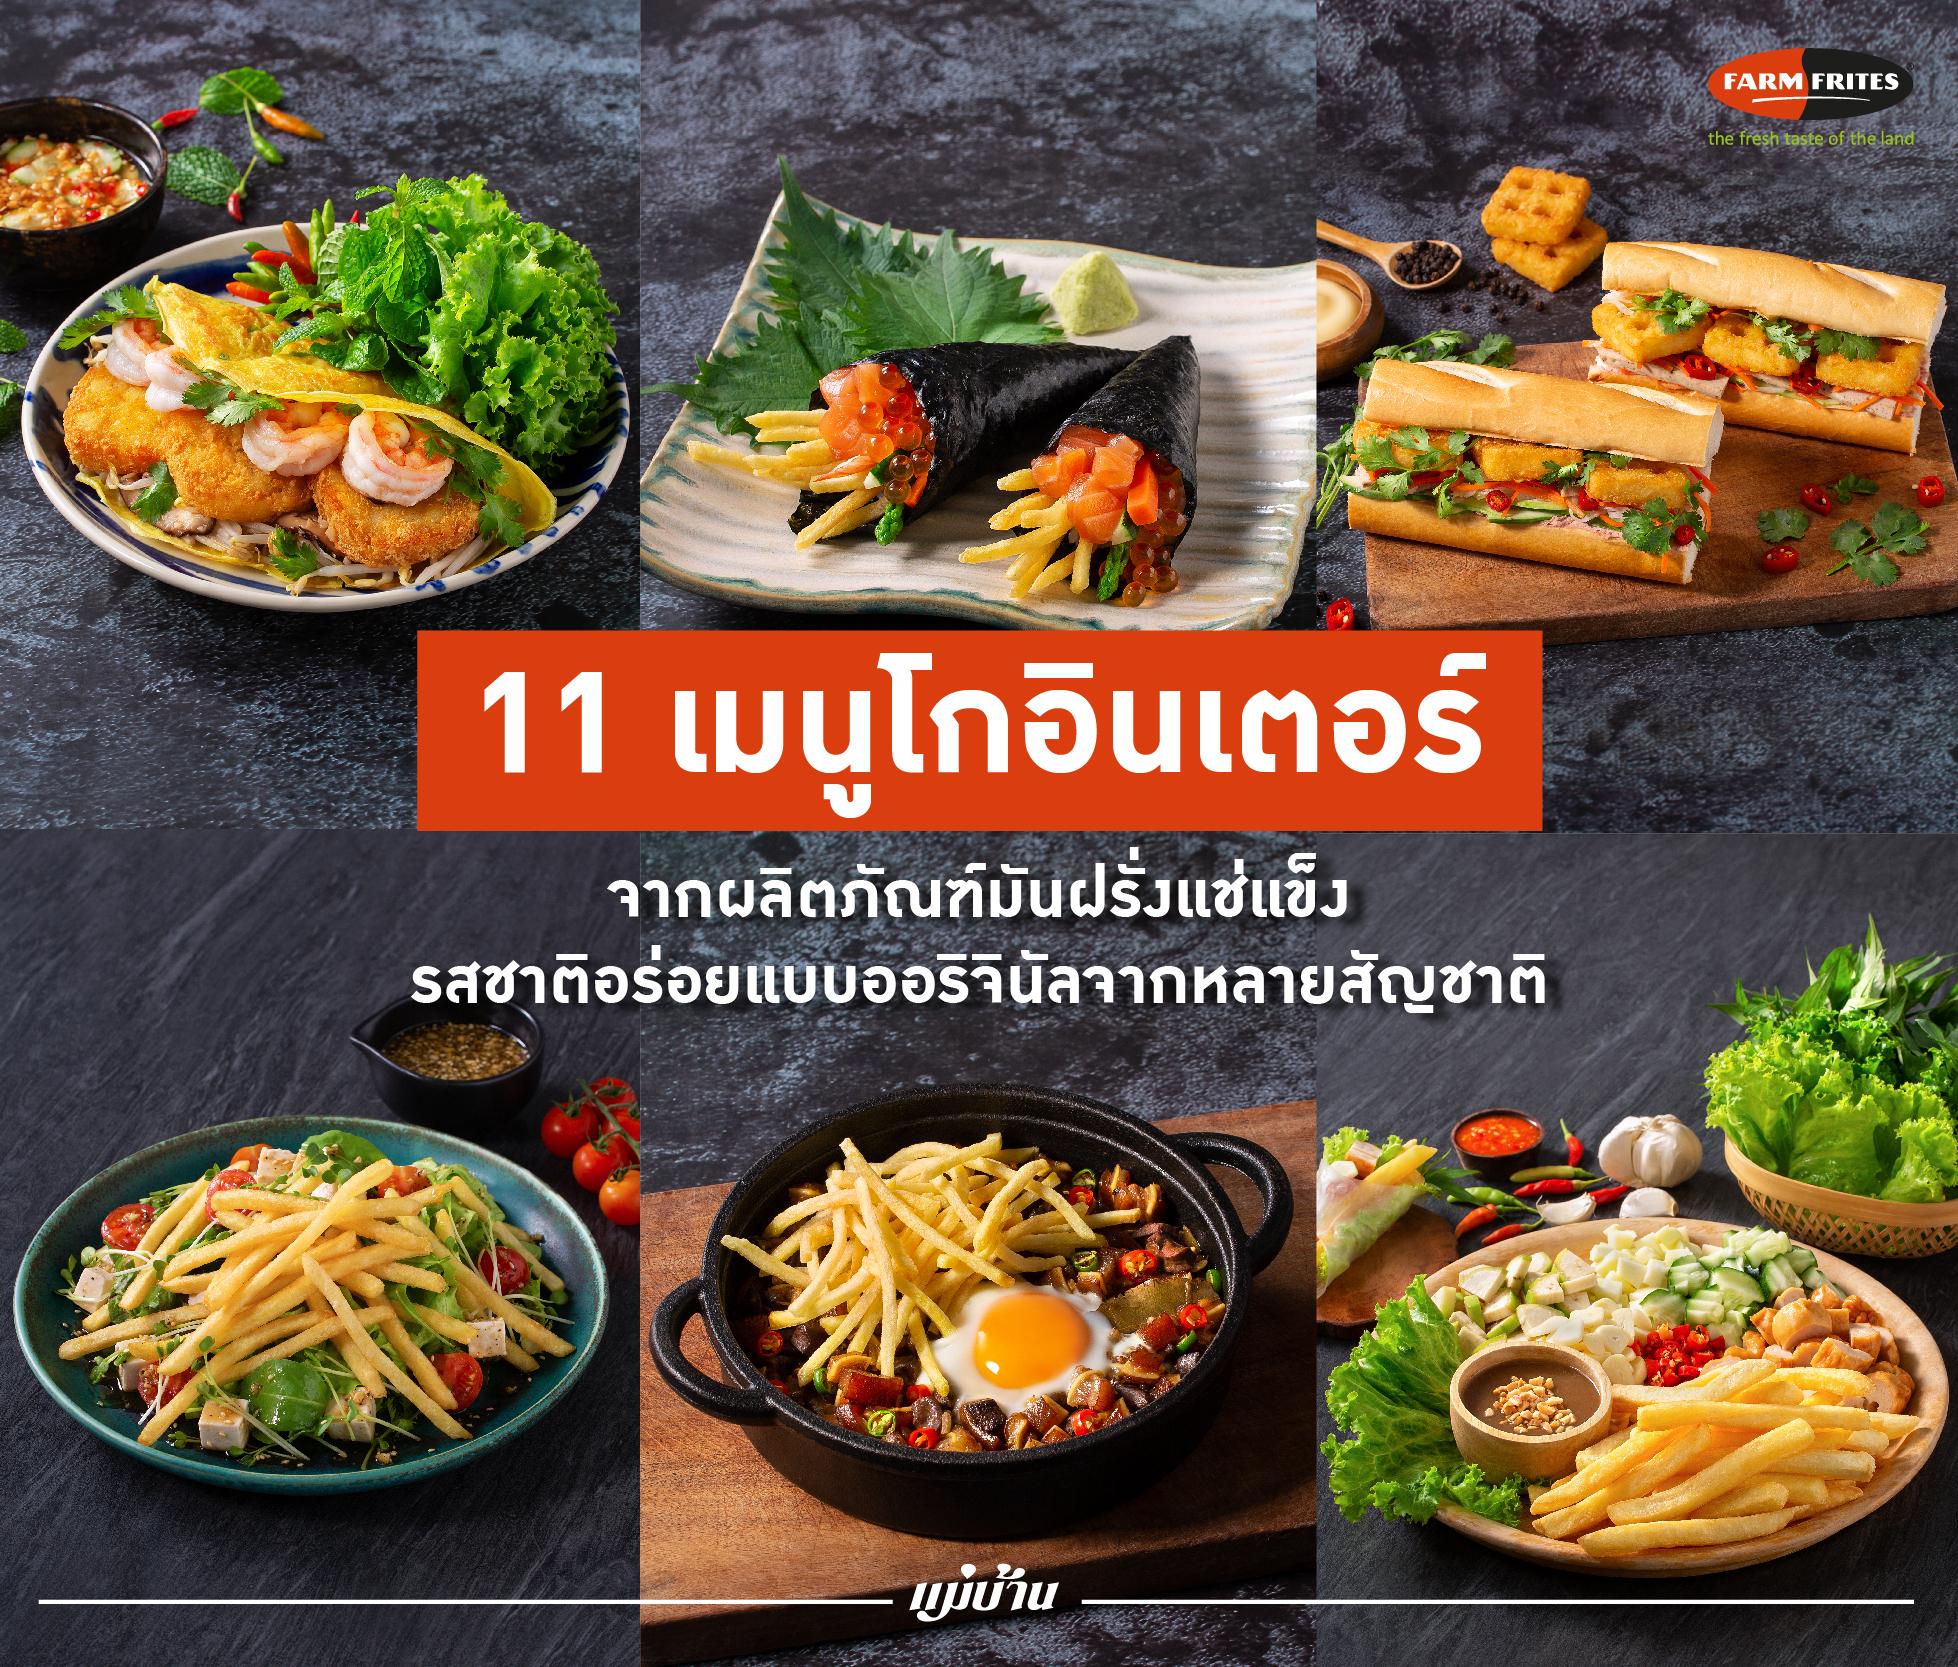 11 เมนูโกอินเตอร์จากผลิตภัณฑ์มันฝรั่งแช่แข็ง รสชาติอร่อยแบบออริจินัลจากหลายสัญชาติ สำนักพิมพ์แม่บ้าน